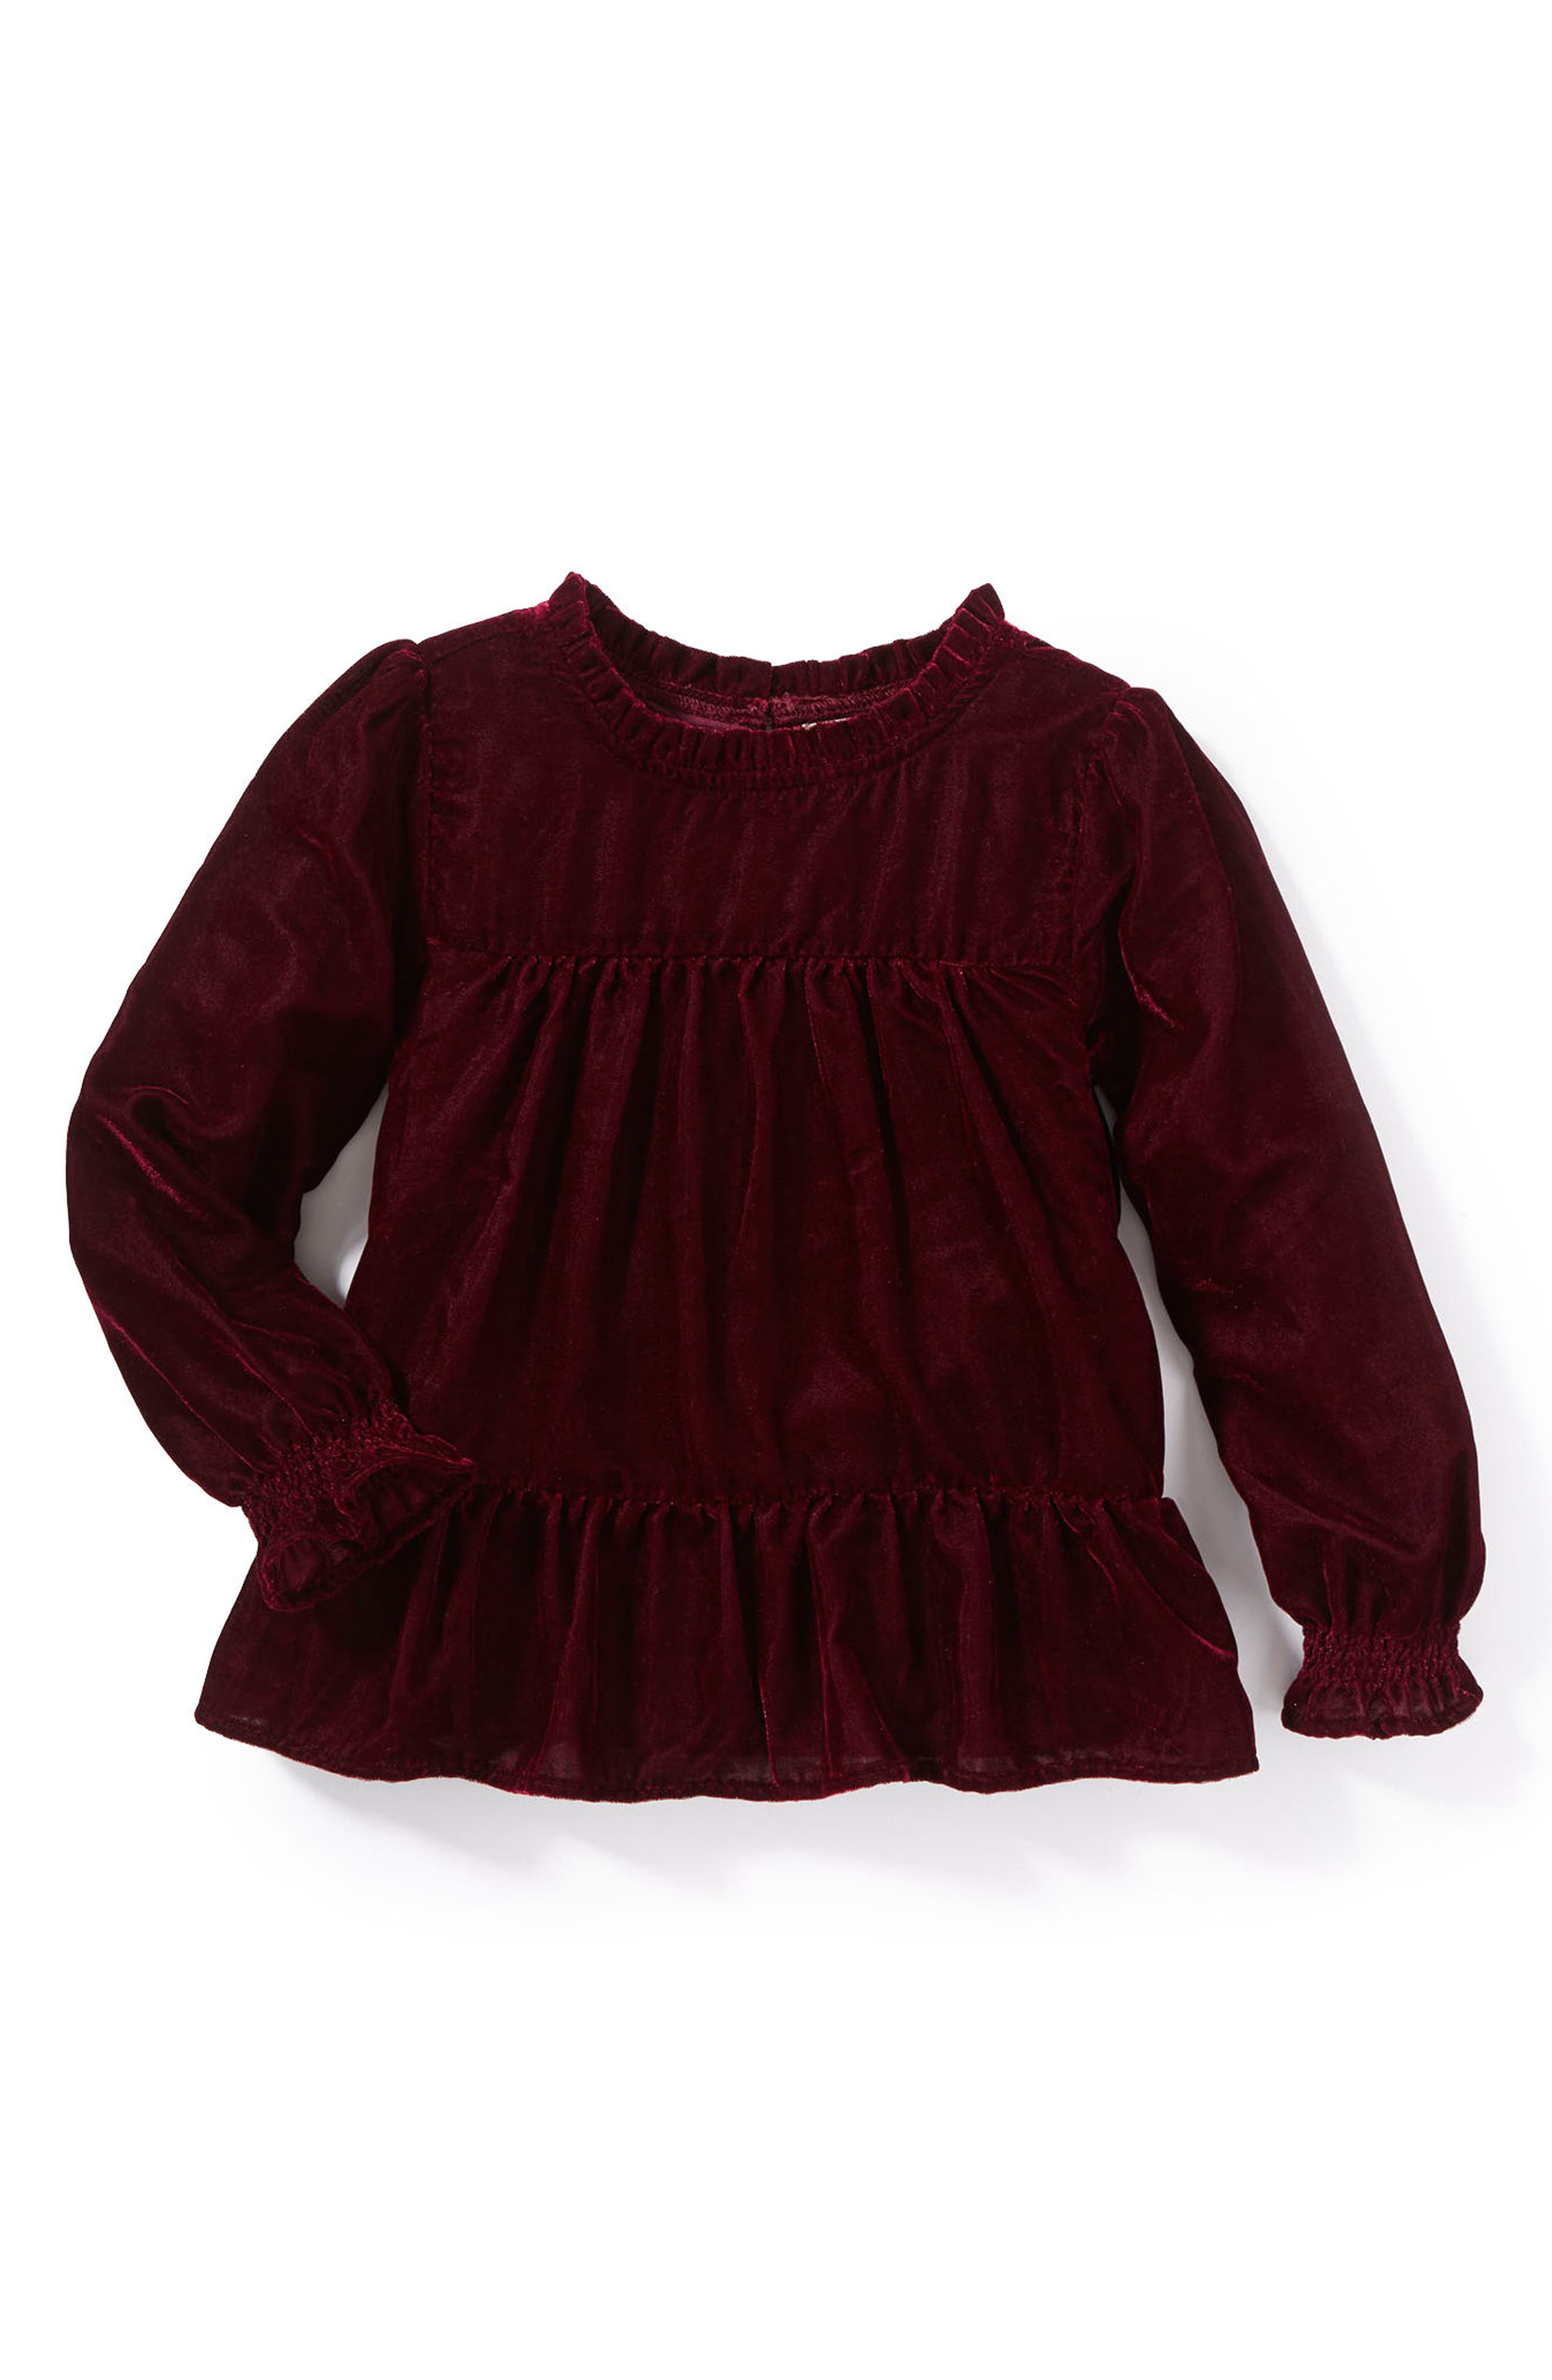 Main Image - Peek Demi Velvet Top (Toddler Girls, Little Girls & Big Girls)